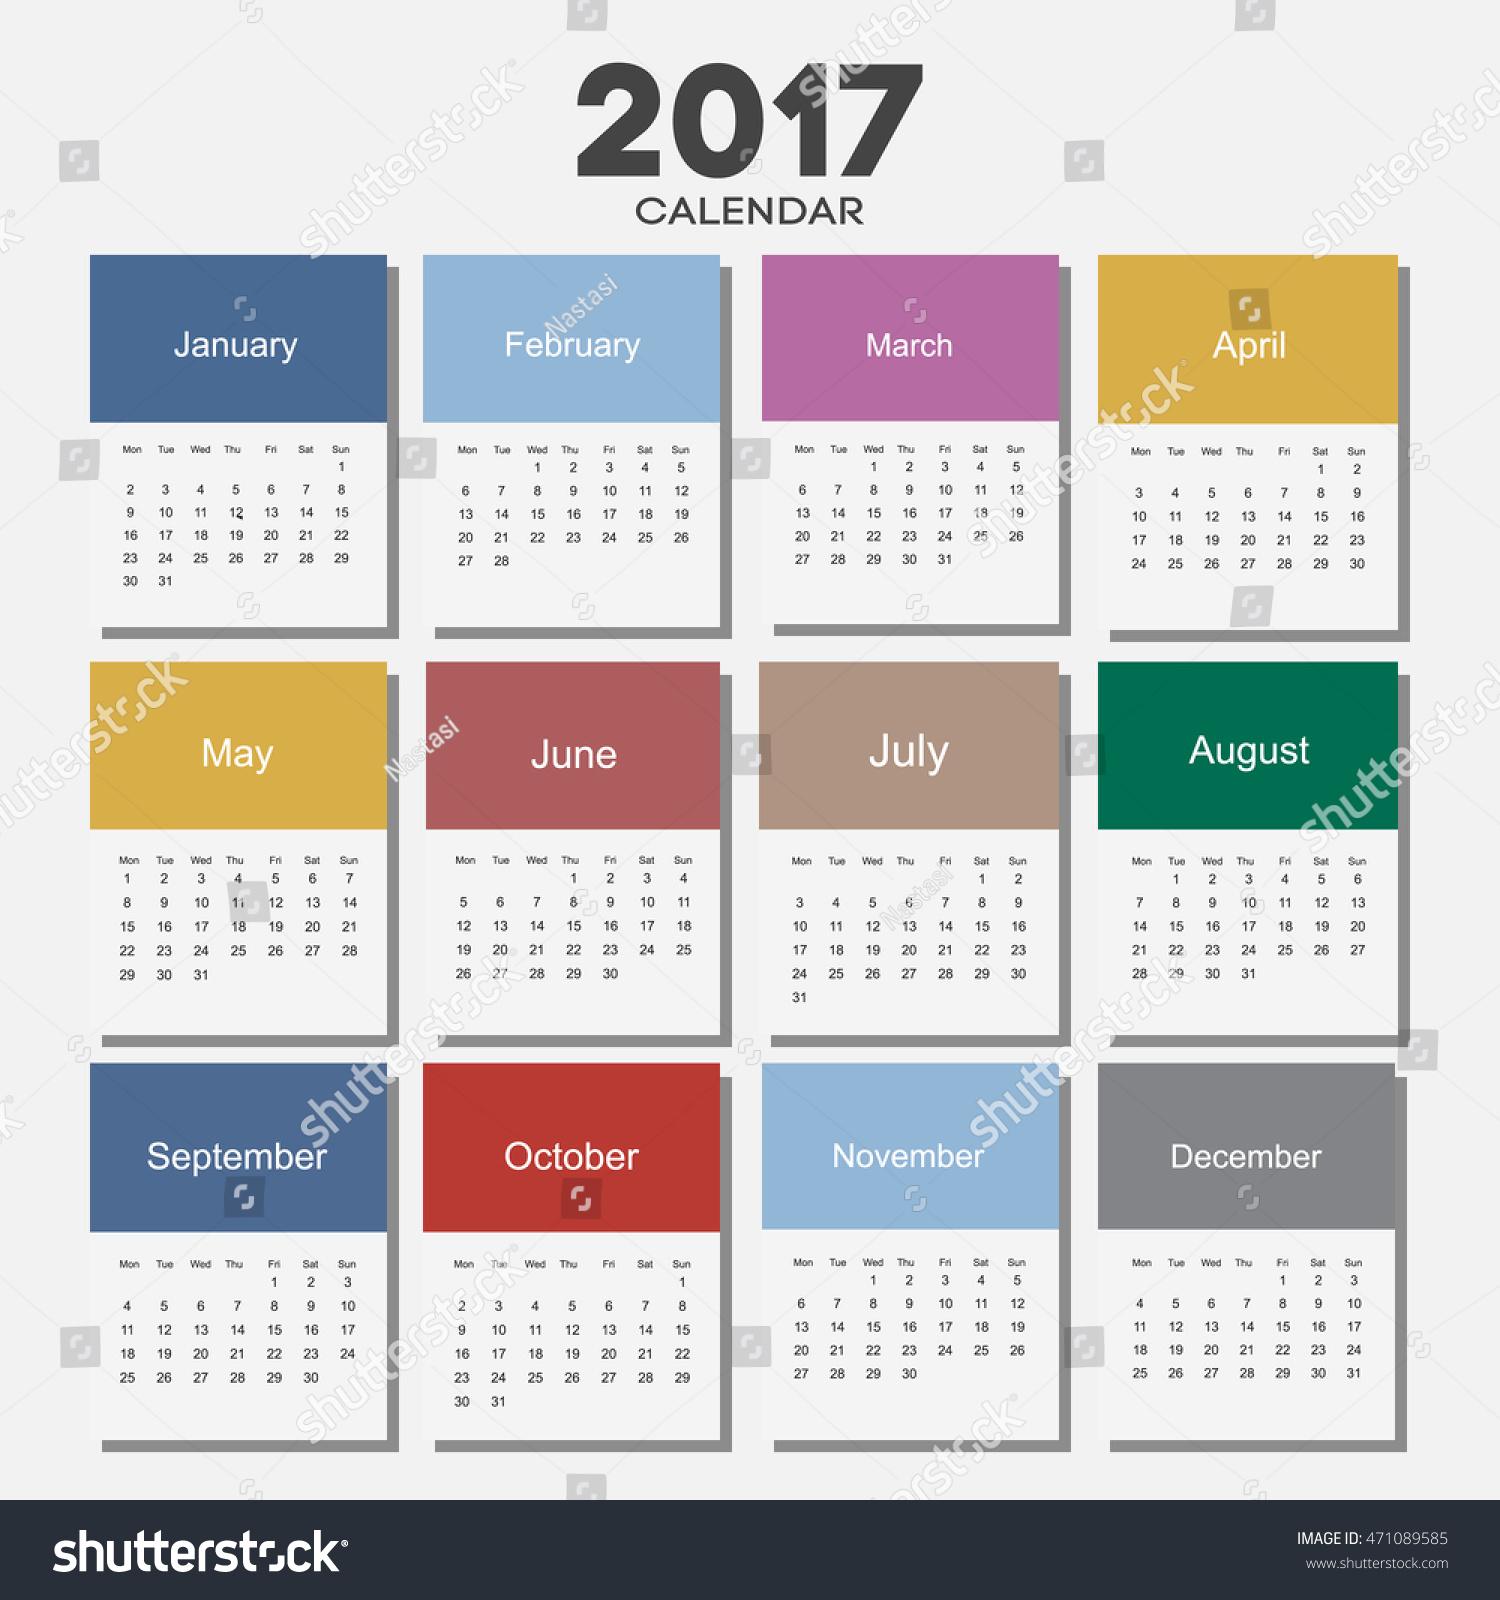 Сделать календарь на 2017 год